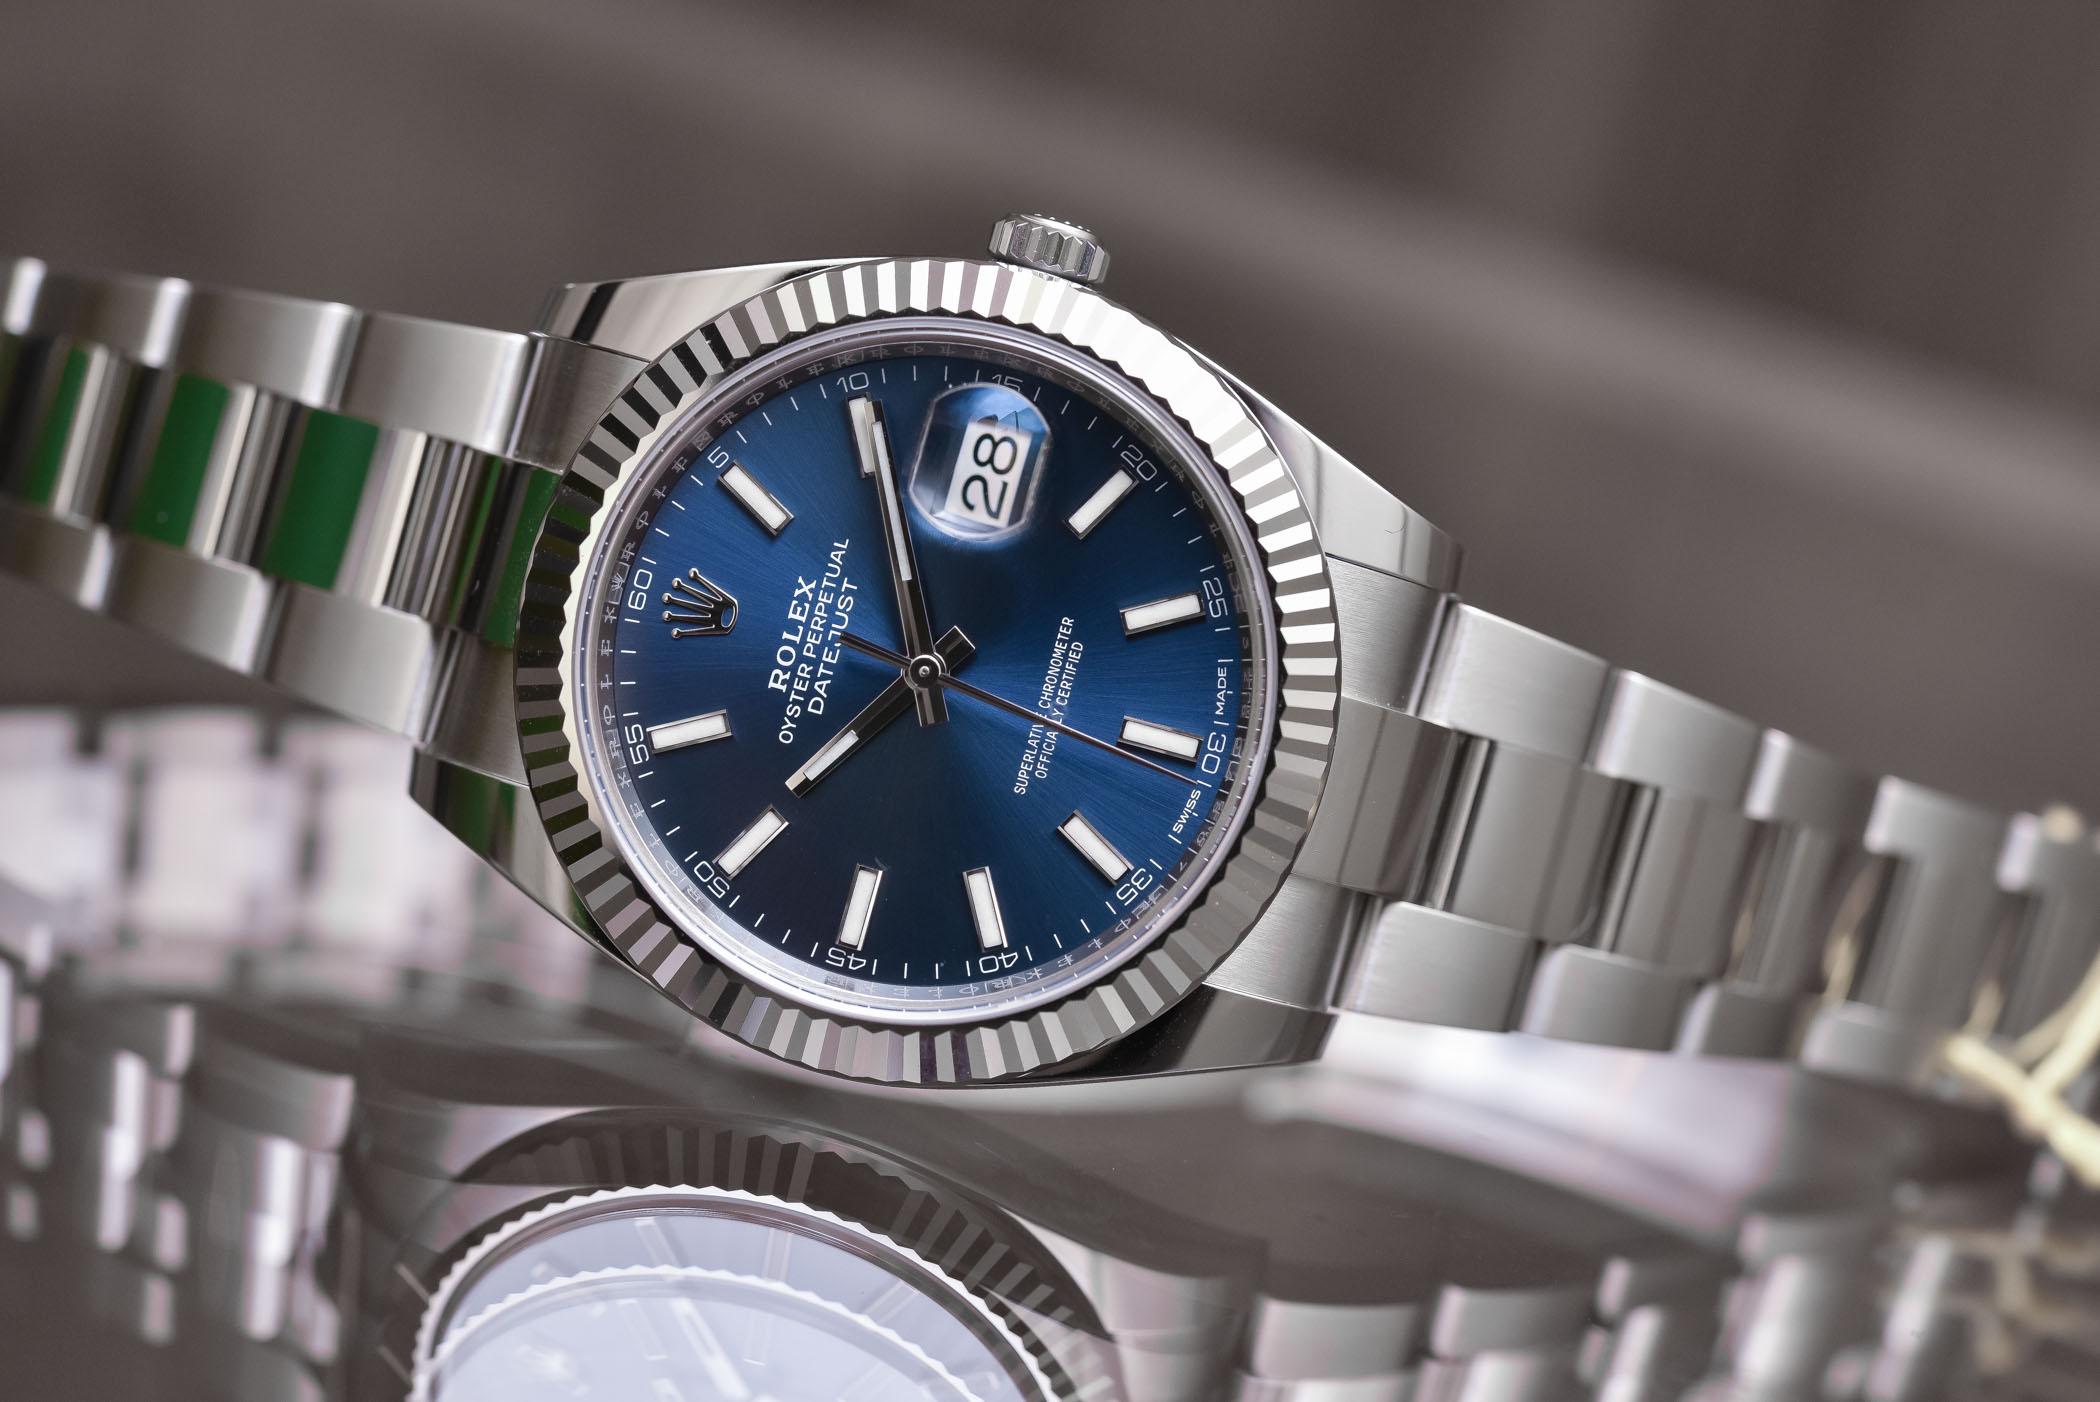 Rolex Datejust 41 steel - 2017 ref 126334